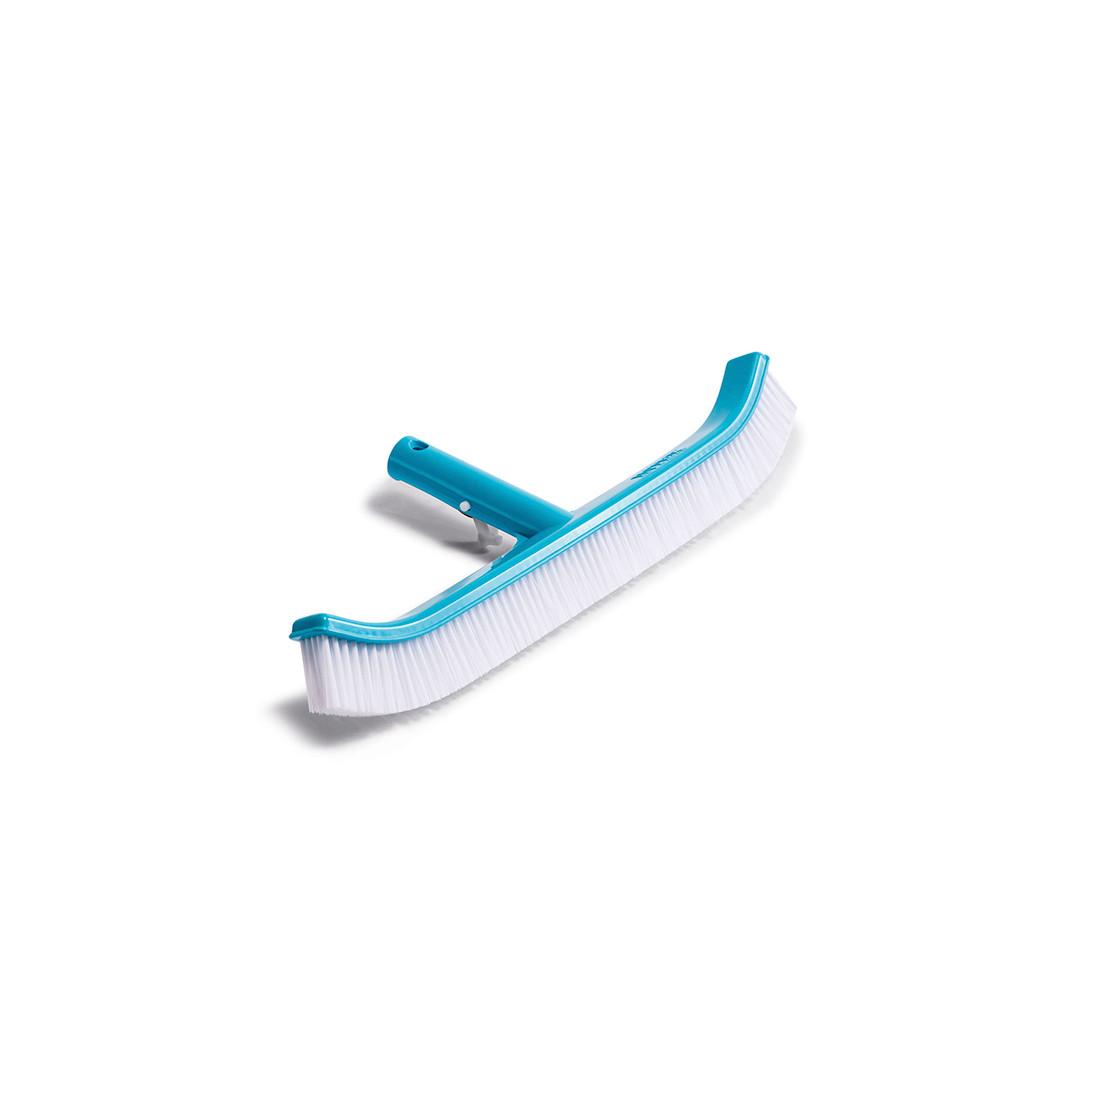 Насадка-щетка для чистки бассейна INTEX 29053 (Диаметр крепления 29.8мм, Blue)